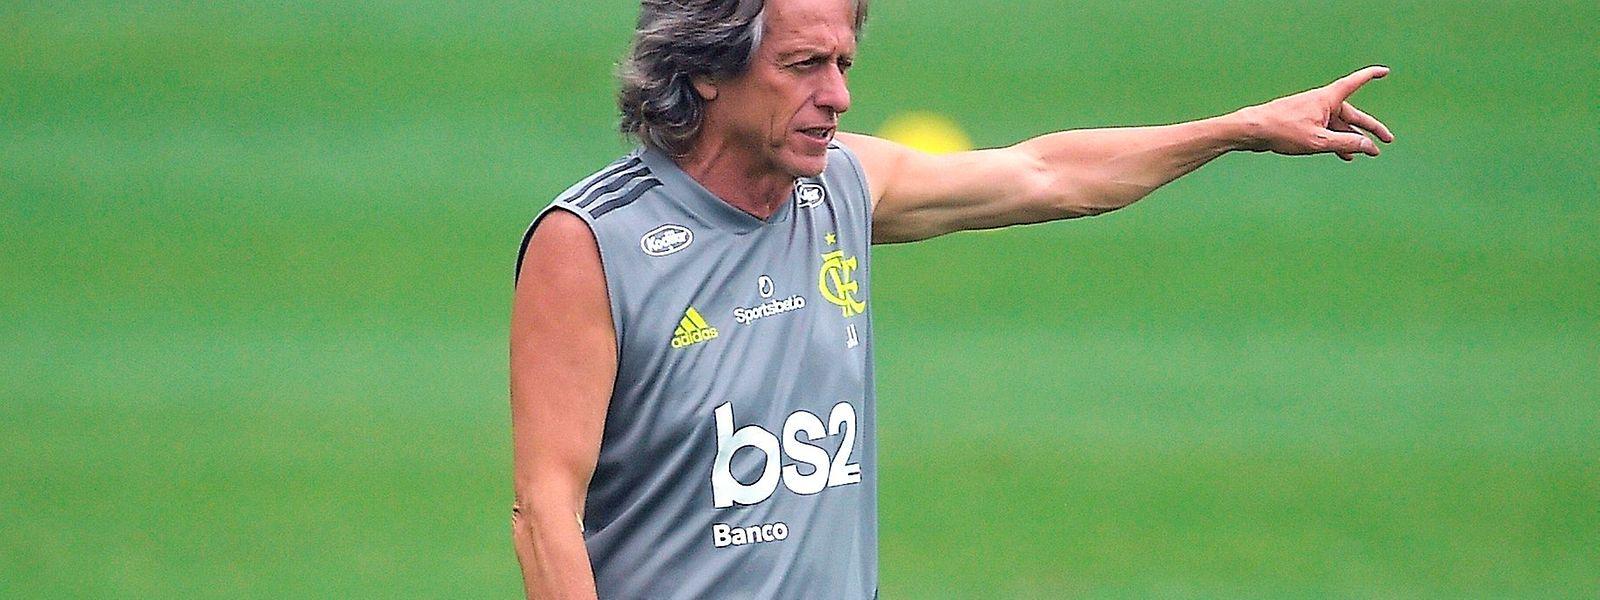 Para chegar ao cetro, Jorge Jesus tem, para já, de se tornar o primeiro treinador luso a atingir uma final, o que conseguirá se, na terça-feira, ganhar aos sauditas do Al Hilal, a ex-equipa do técnico português.